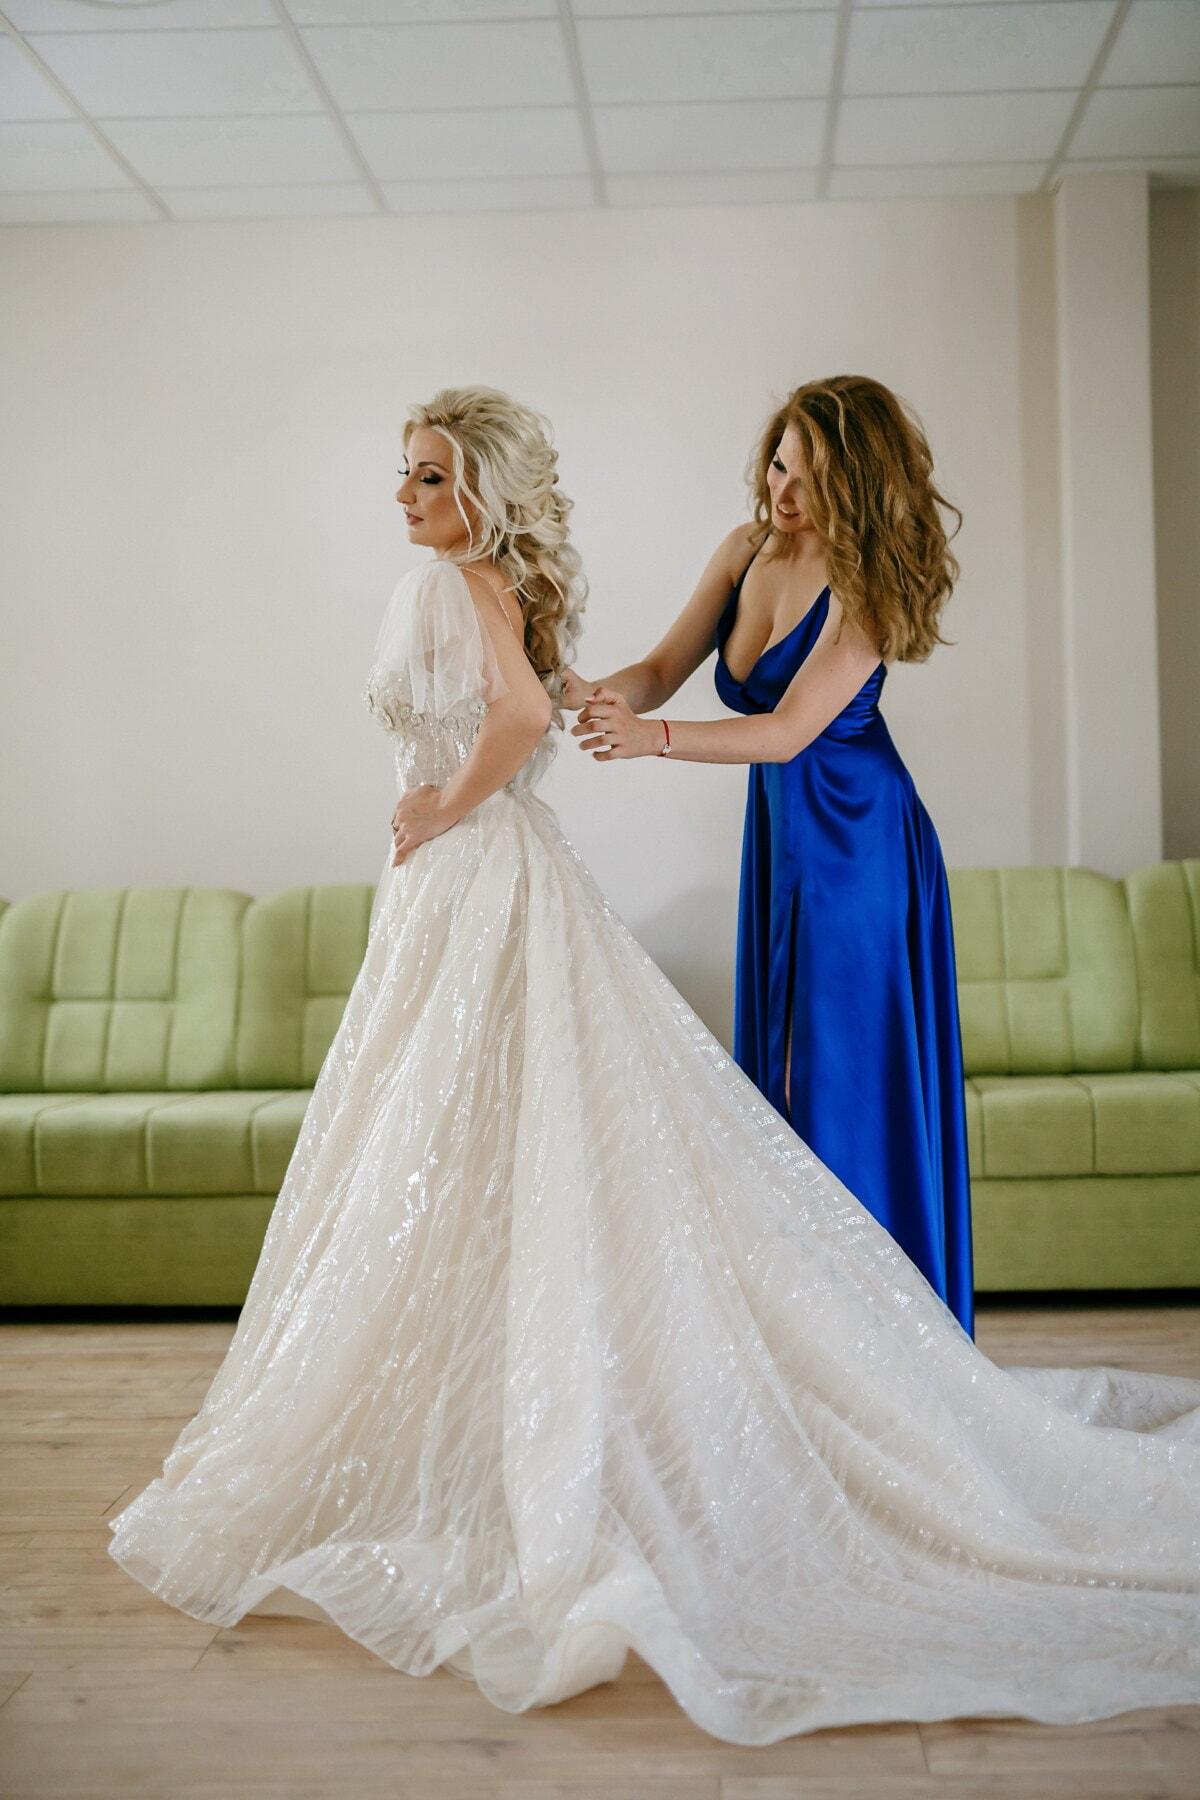 la mariée, robe de mariée, préparation, Jolie fille, petite amie, sourire, amicale, magnifique, robe, amitié